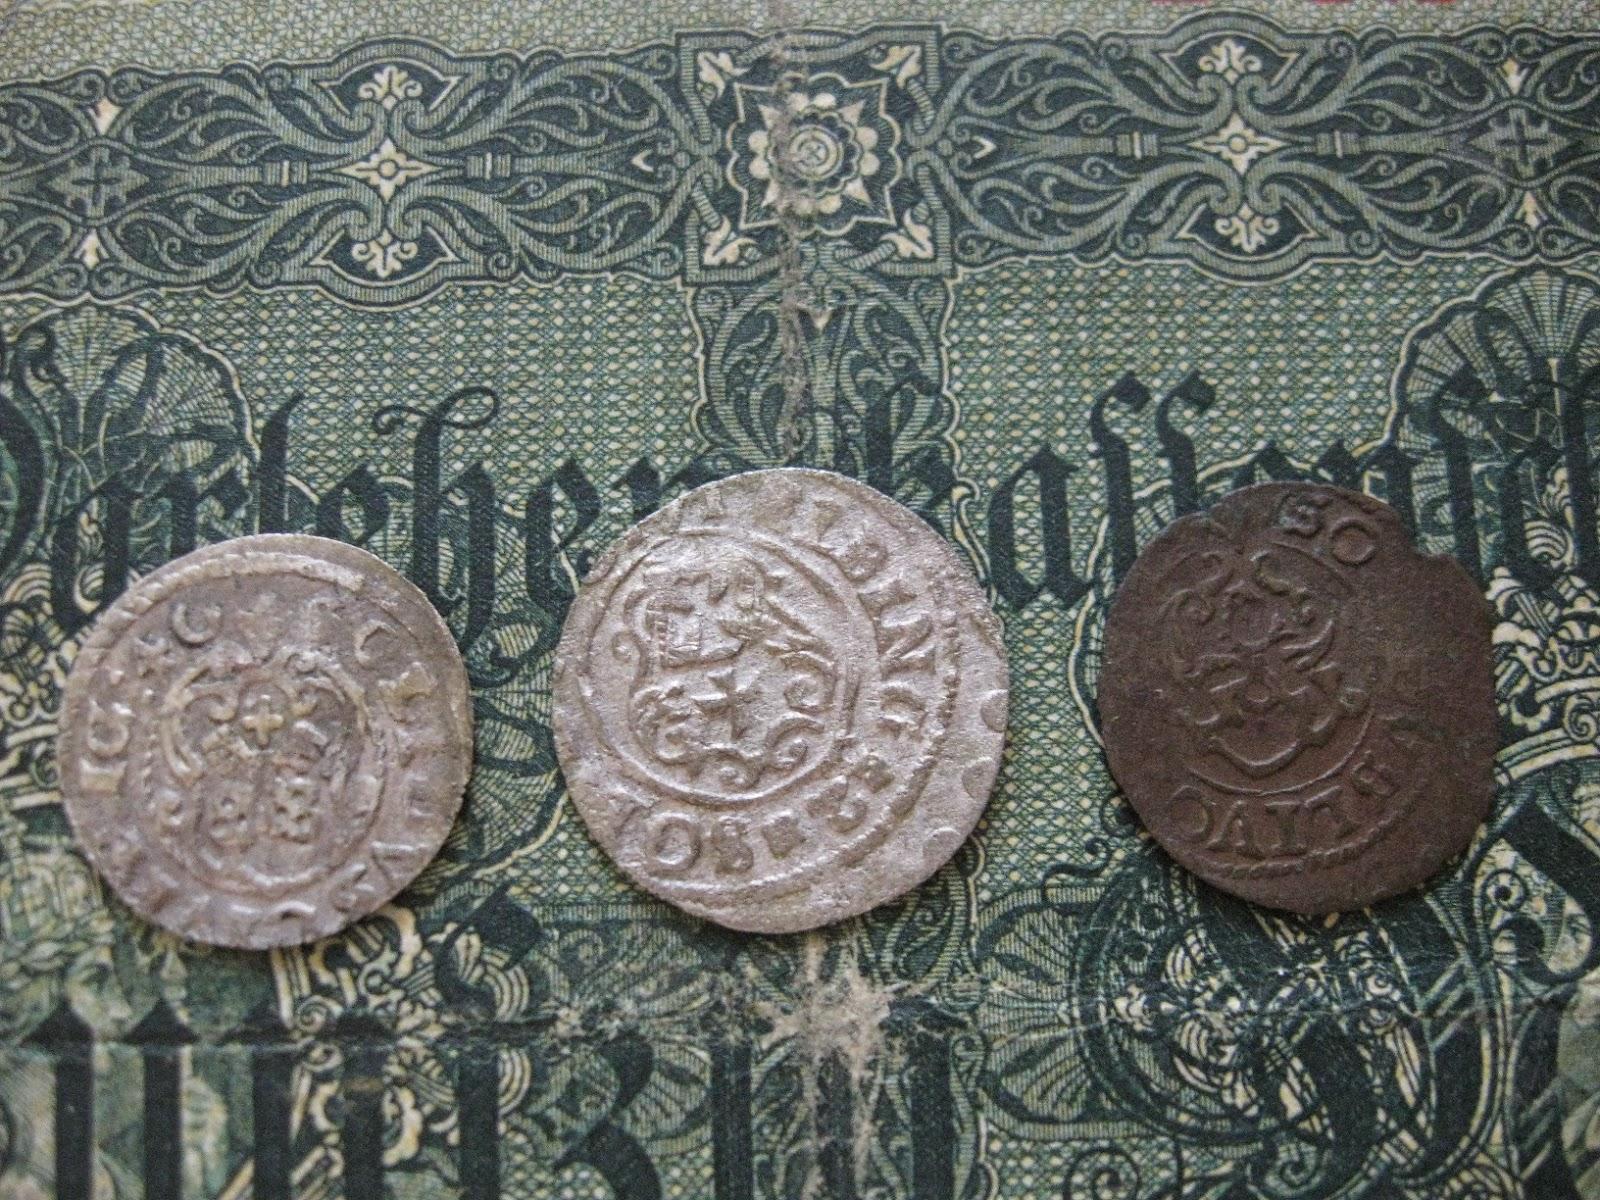 Серебряные монеты 17 монетный двор в санкт петербурге